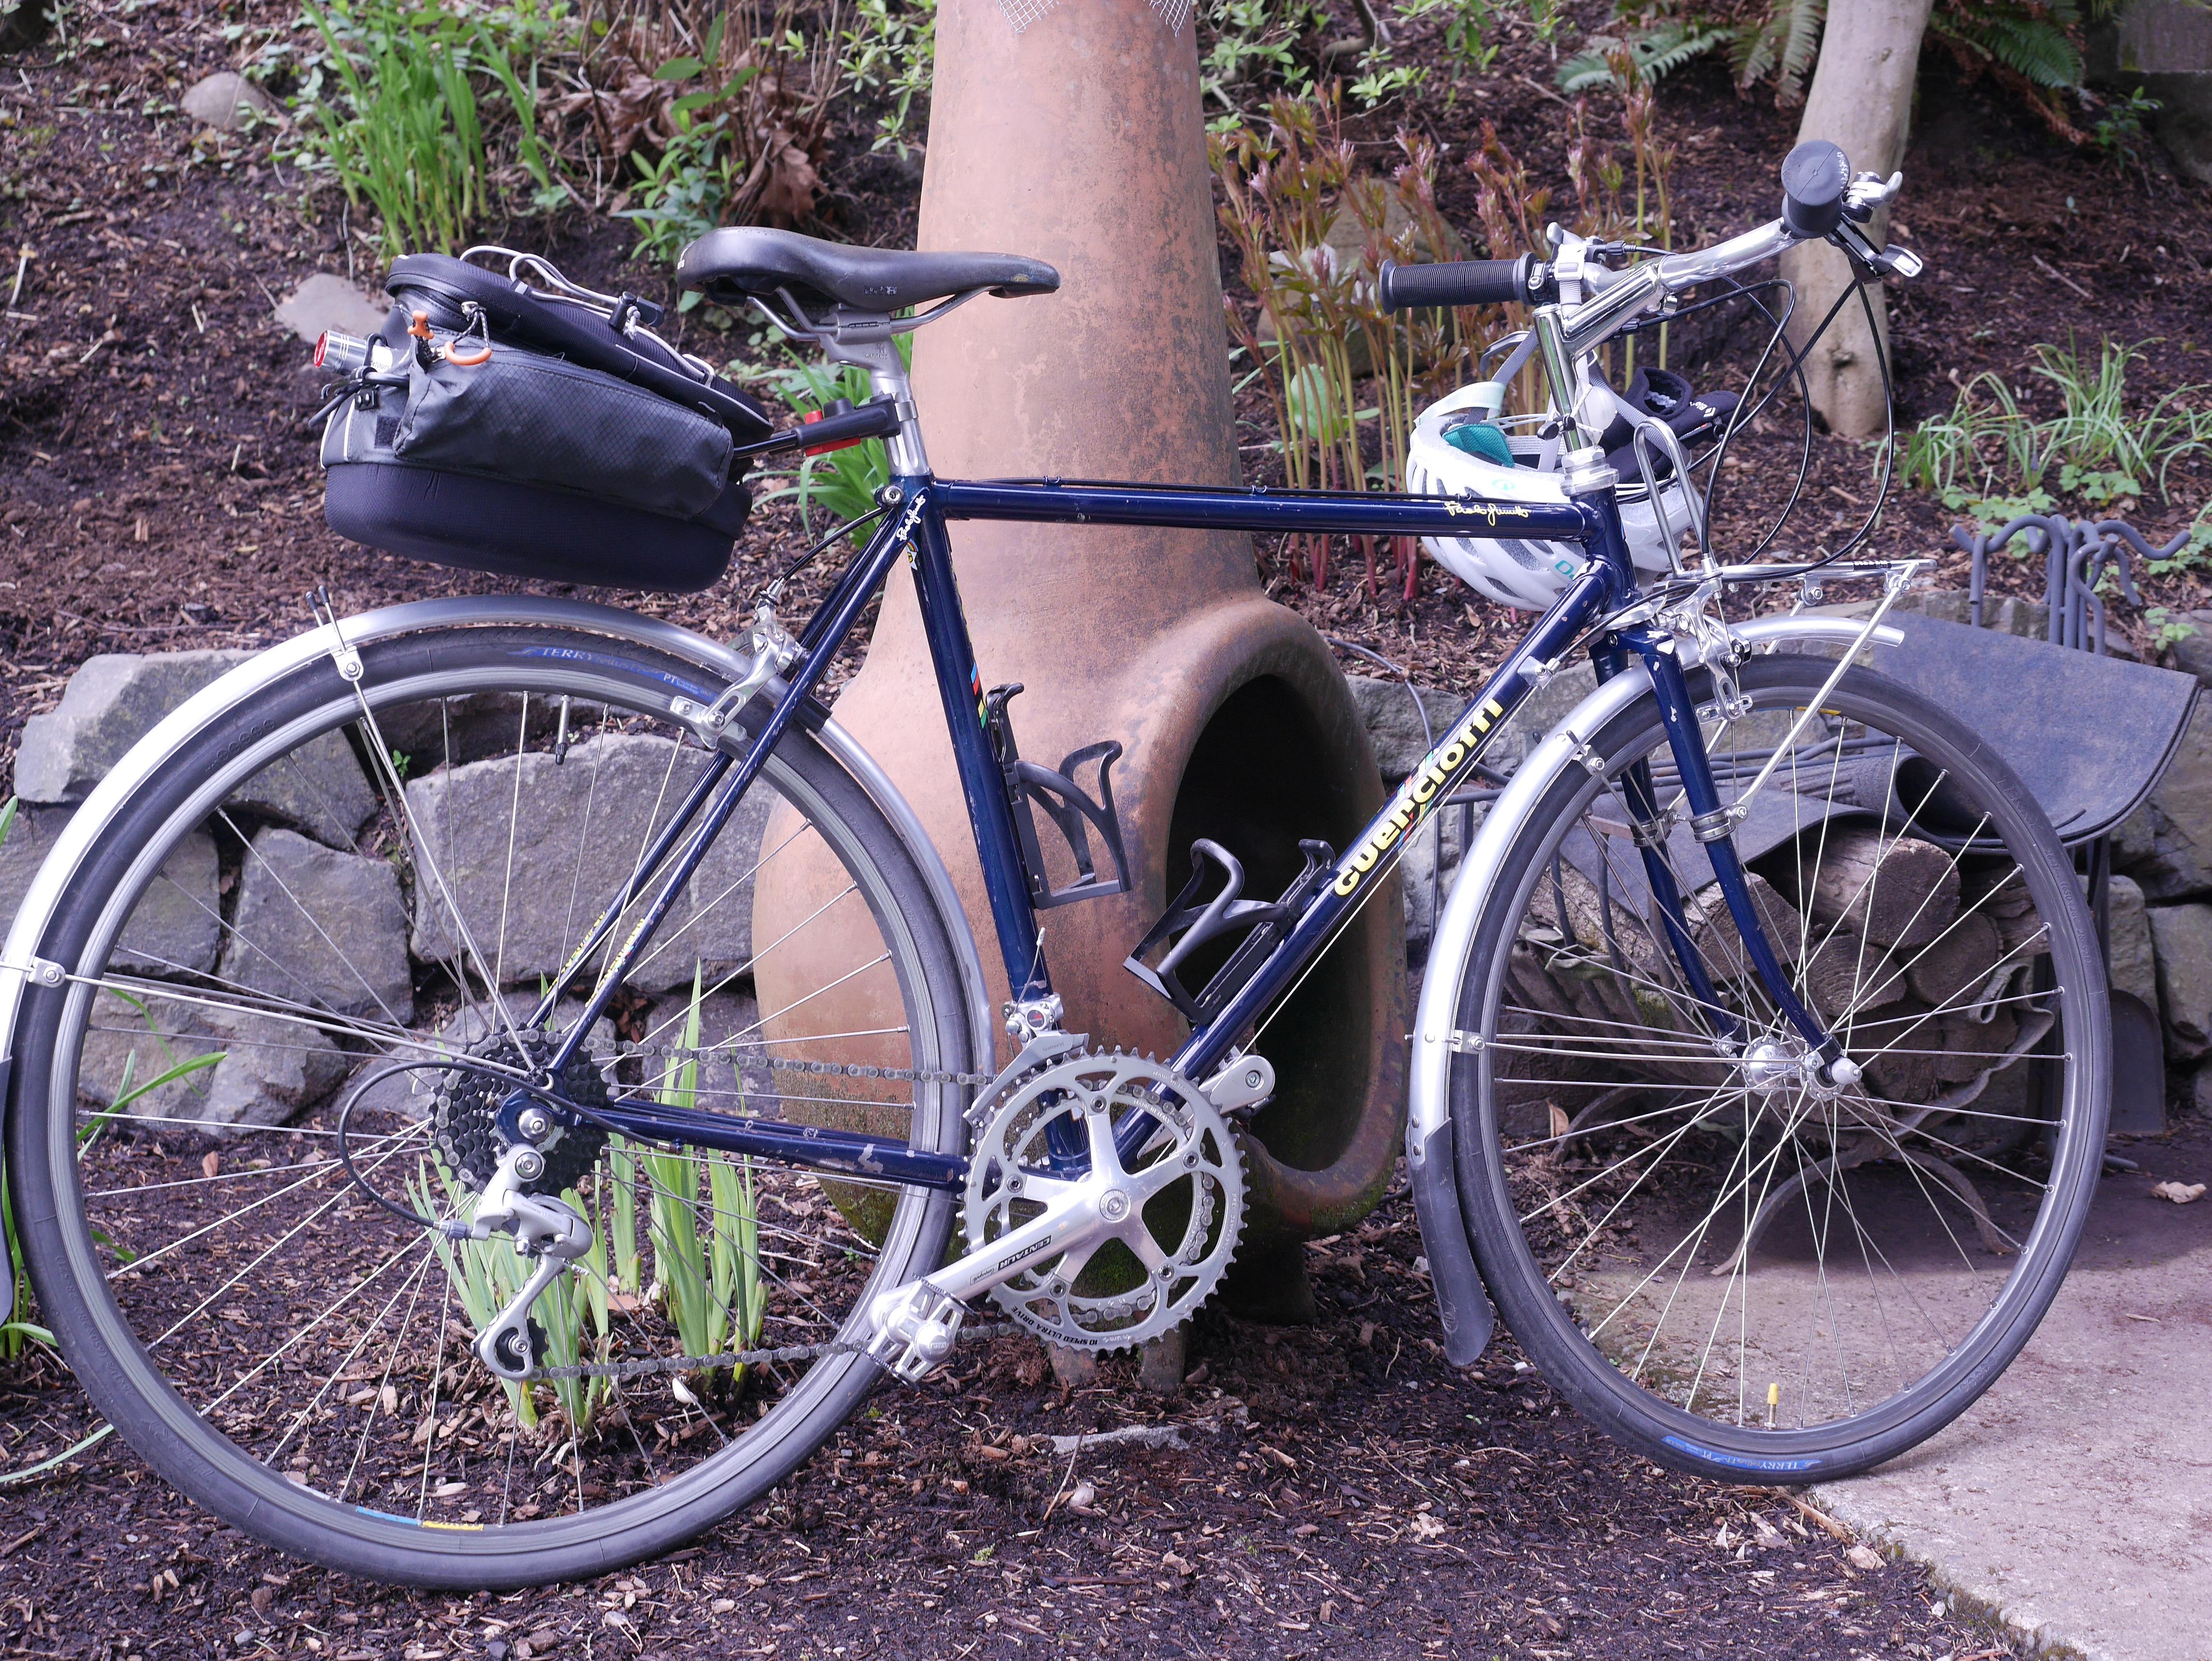 Vintage Italian bicycle   Restoring Vintage Bicycles from